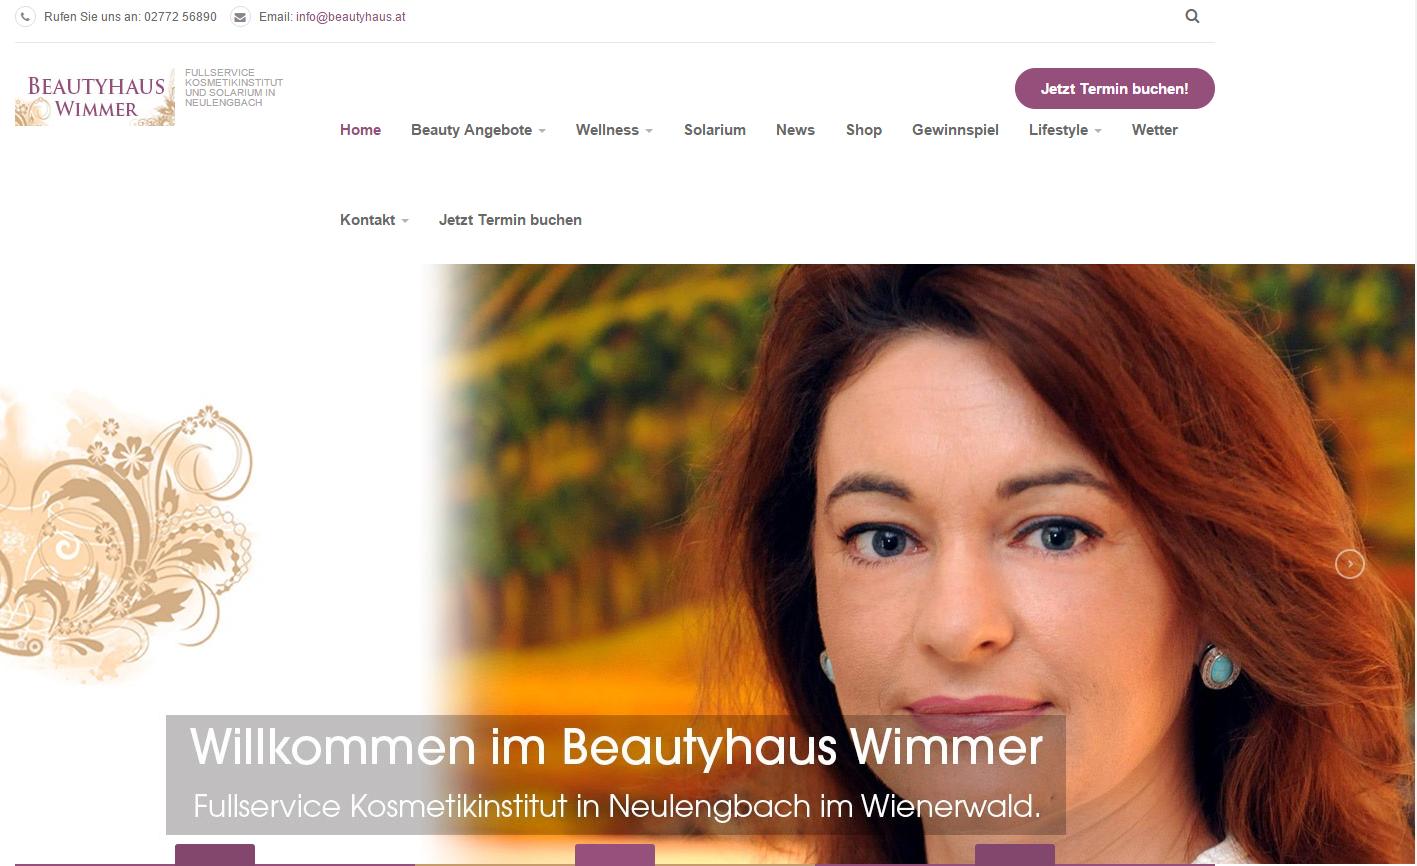 Beautyhaus Wimmer Dauerhafte Haarentfernung Mit Shr Blog 252 Ber Dauerhafte Haarentfernung Mit